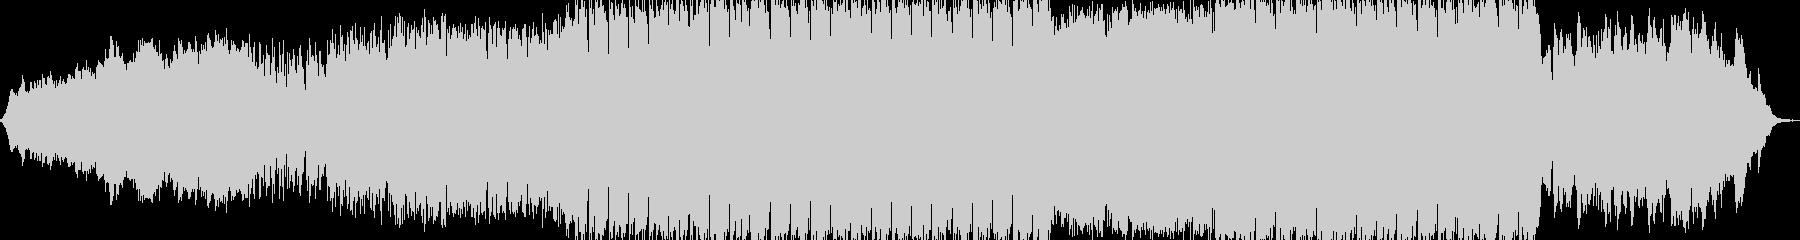 インストゥルメンタル ゴシックロックの未再生の波形